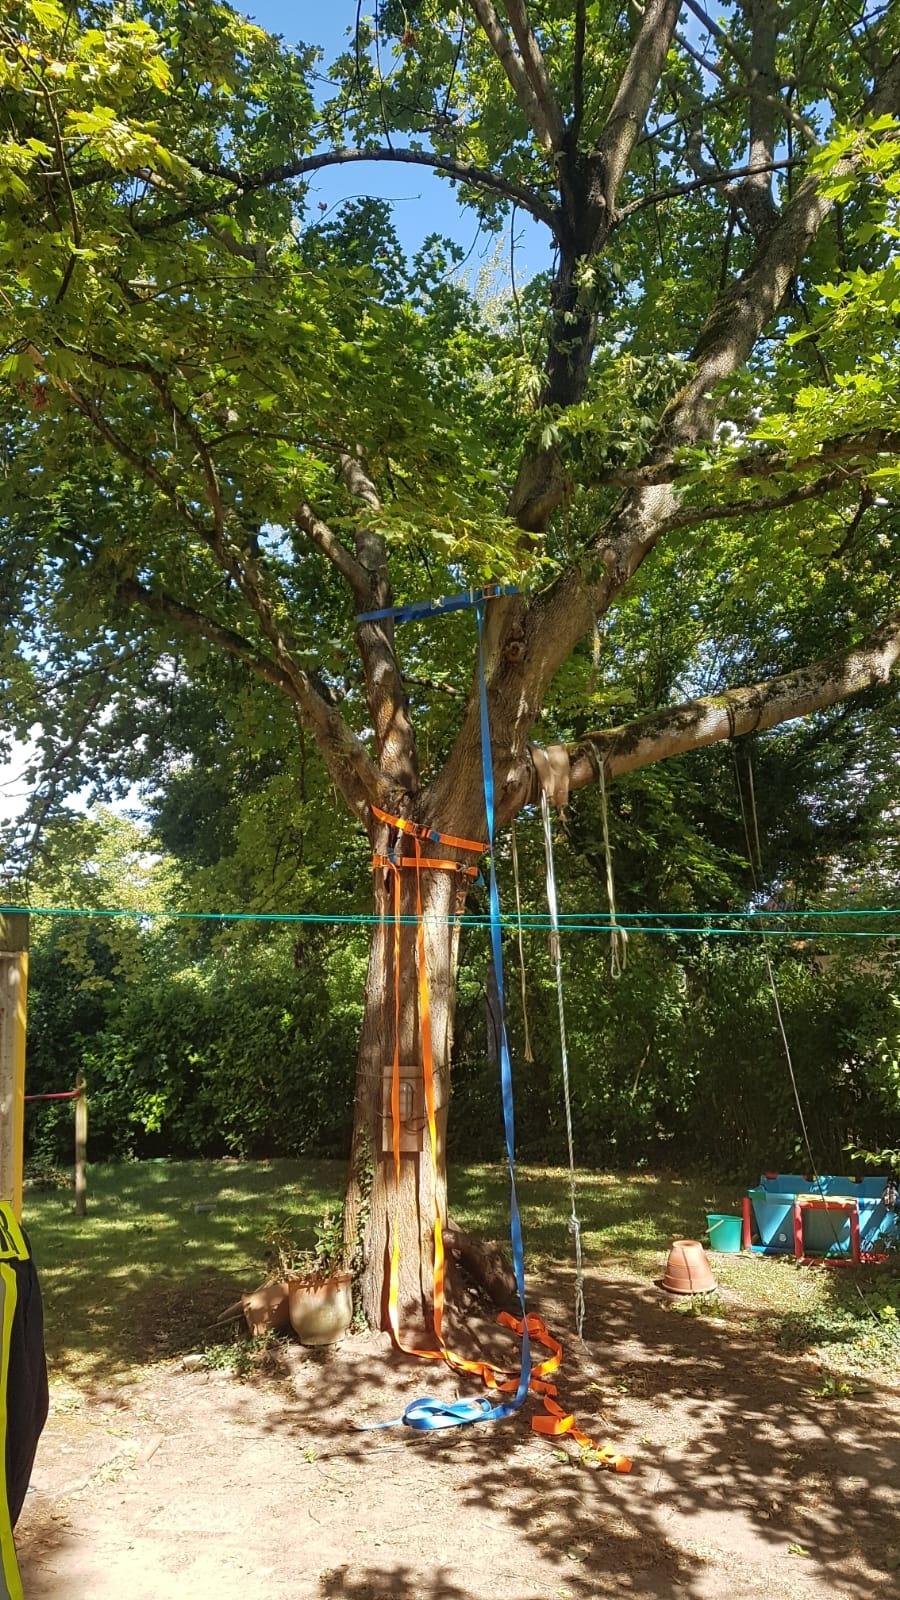 H1 Baum droht umzustürzen 01 2018-08-11